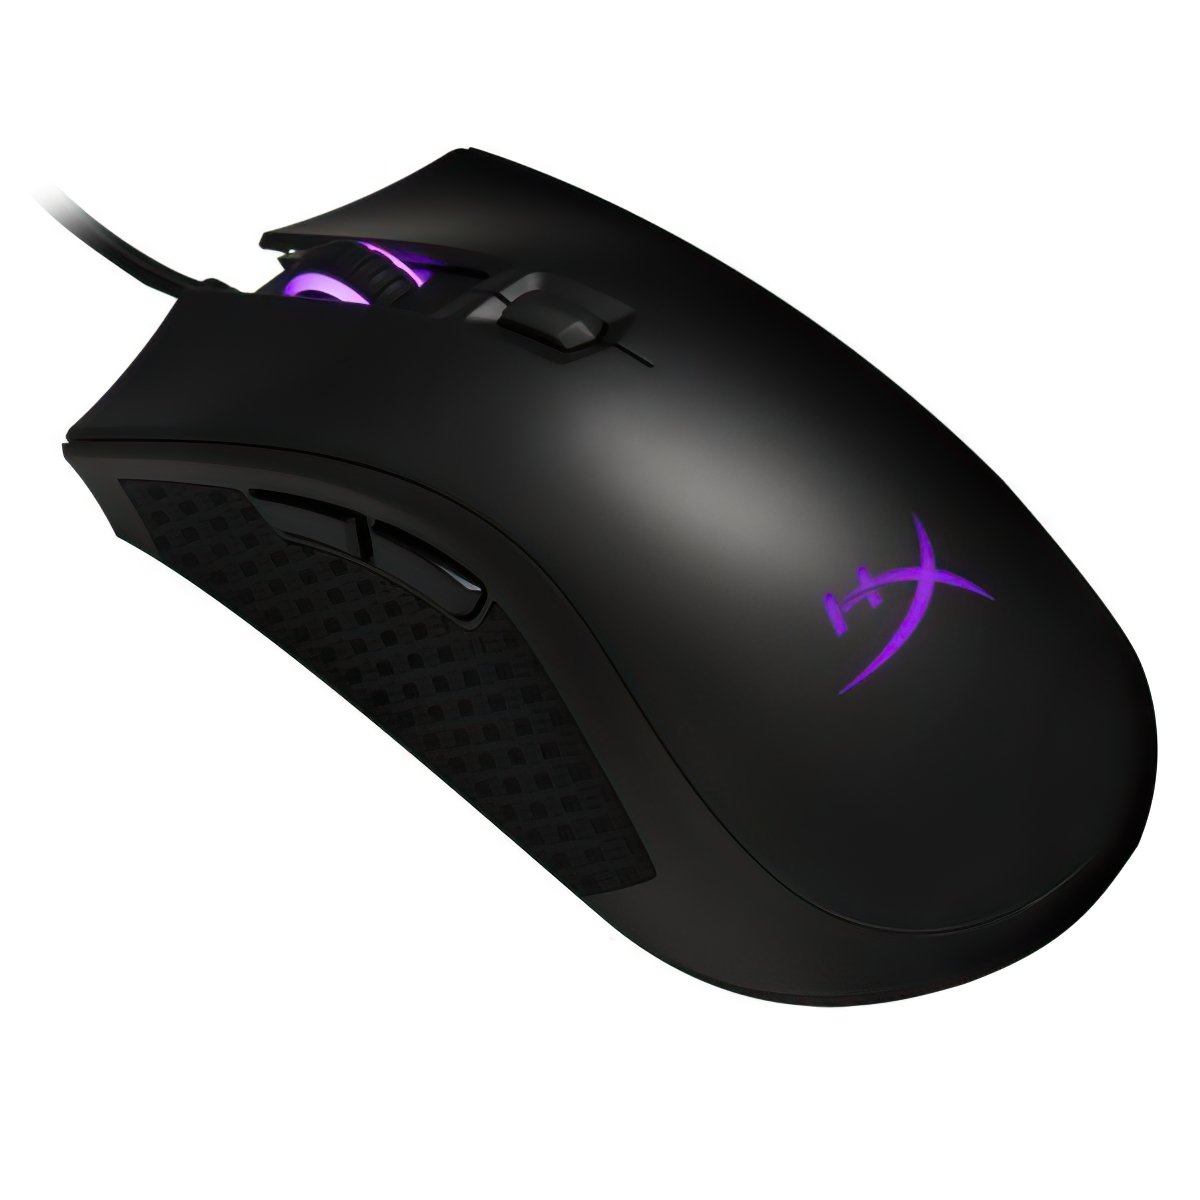 Ігрова миша HyperX Pulsefire FPS Pro RGB (HX-MC003B)фото